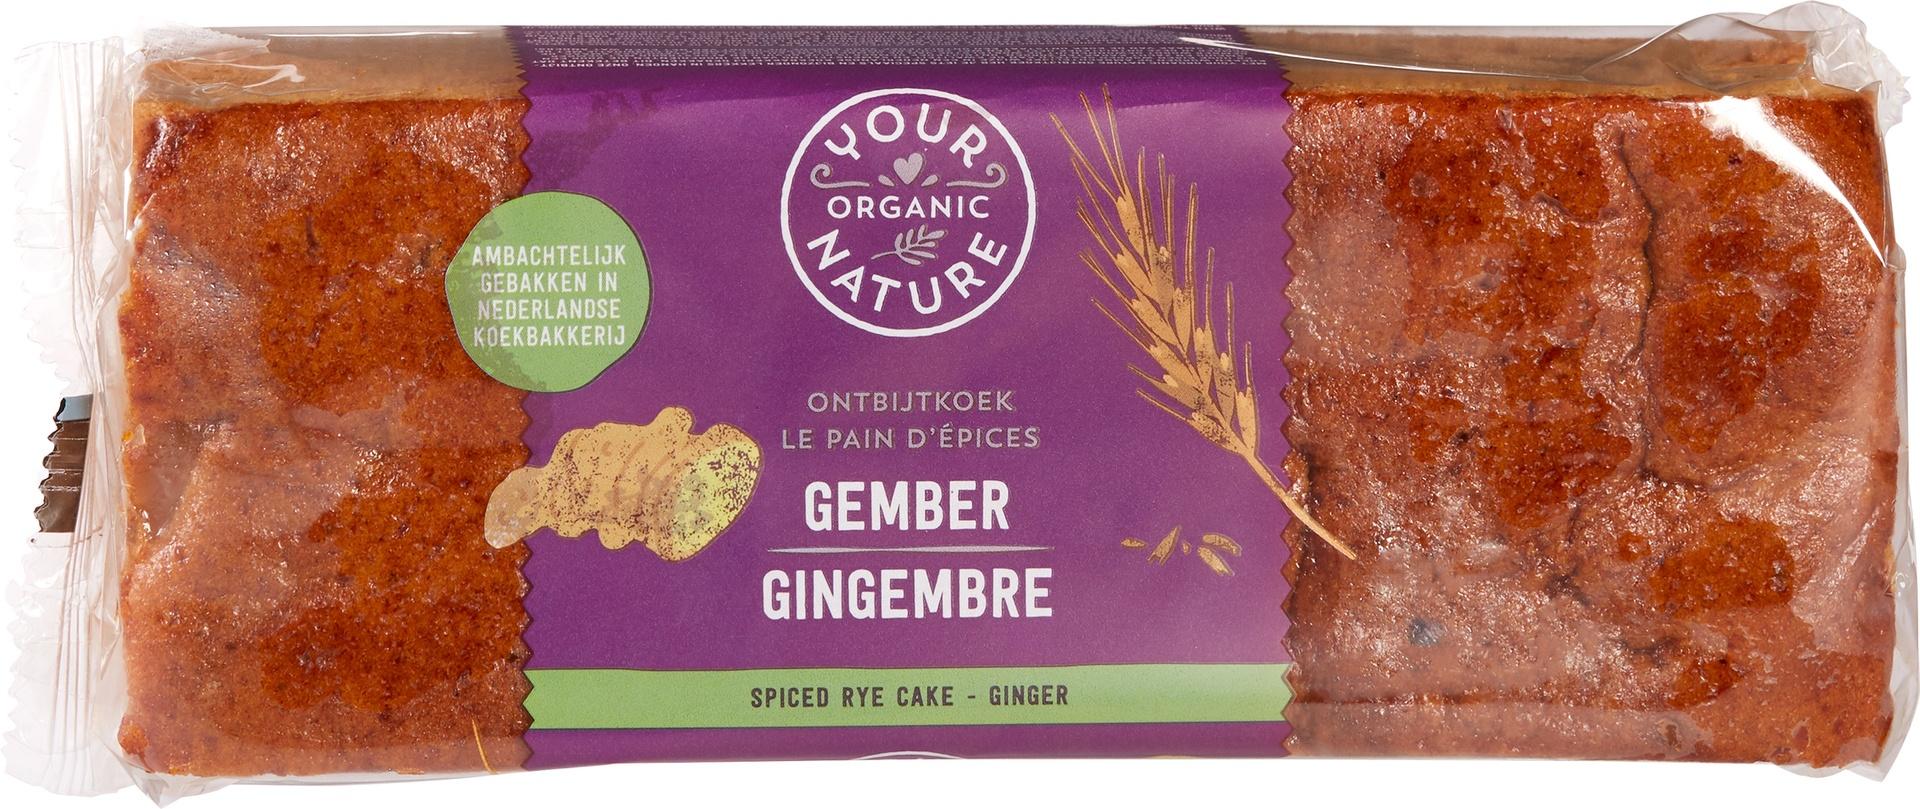 Biologische Your Organic Nature Ontbijtkoek gember 400 gr